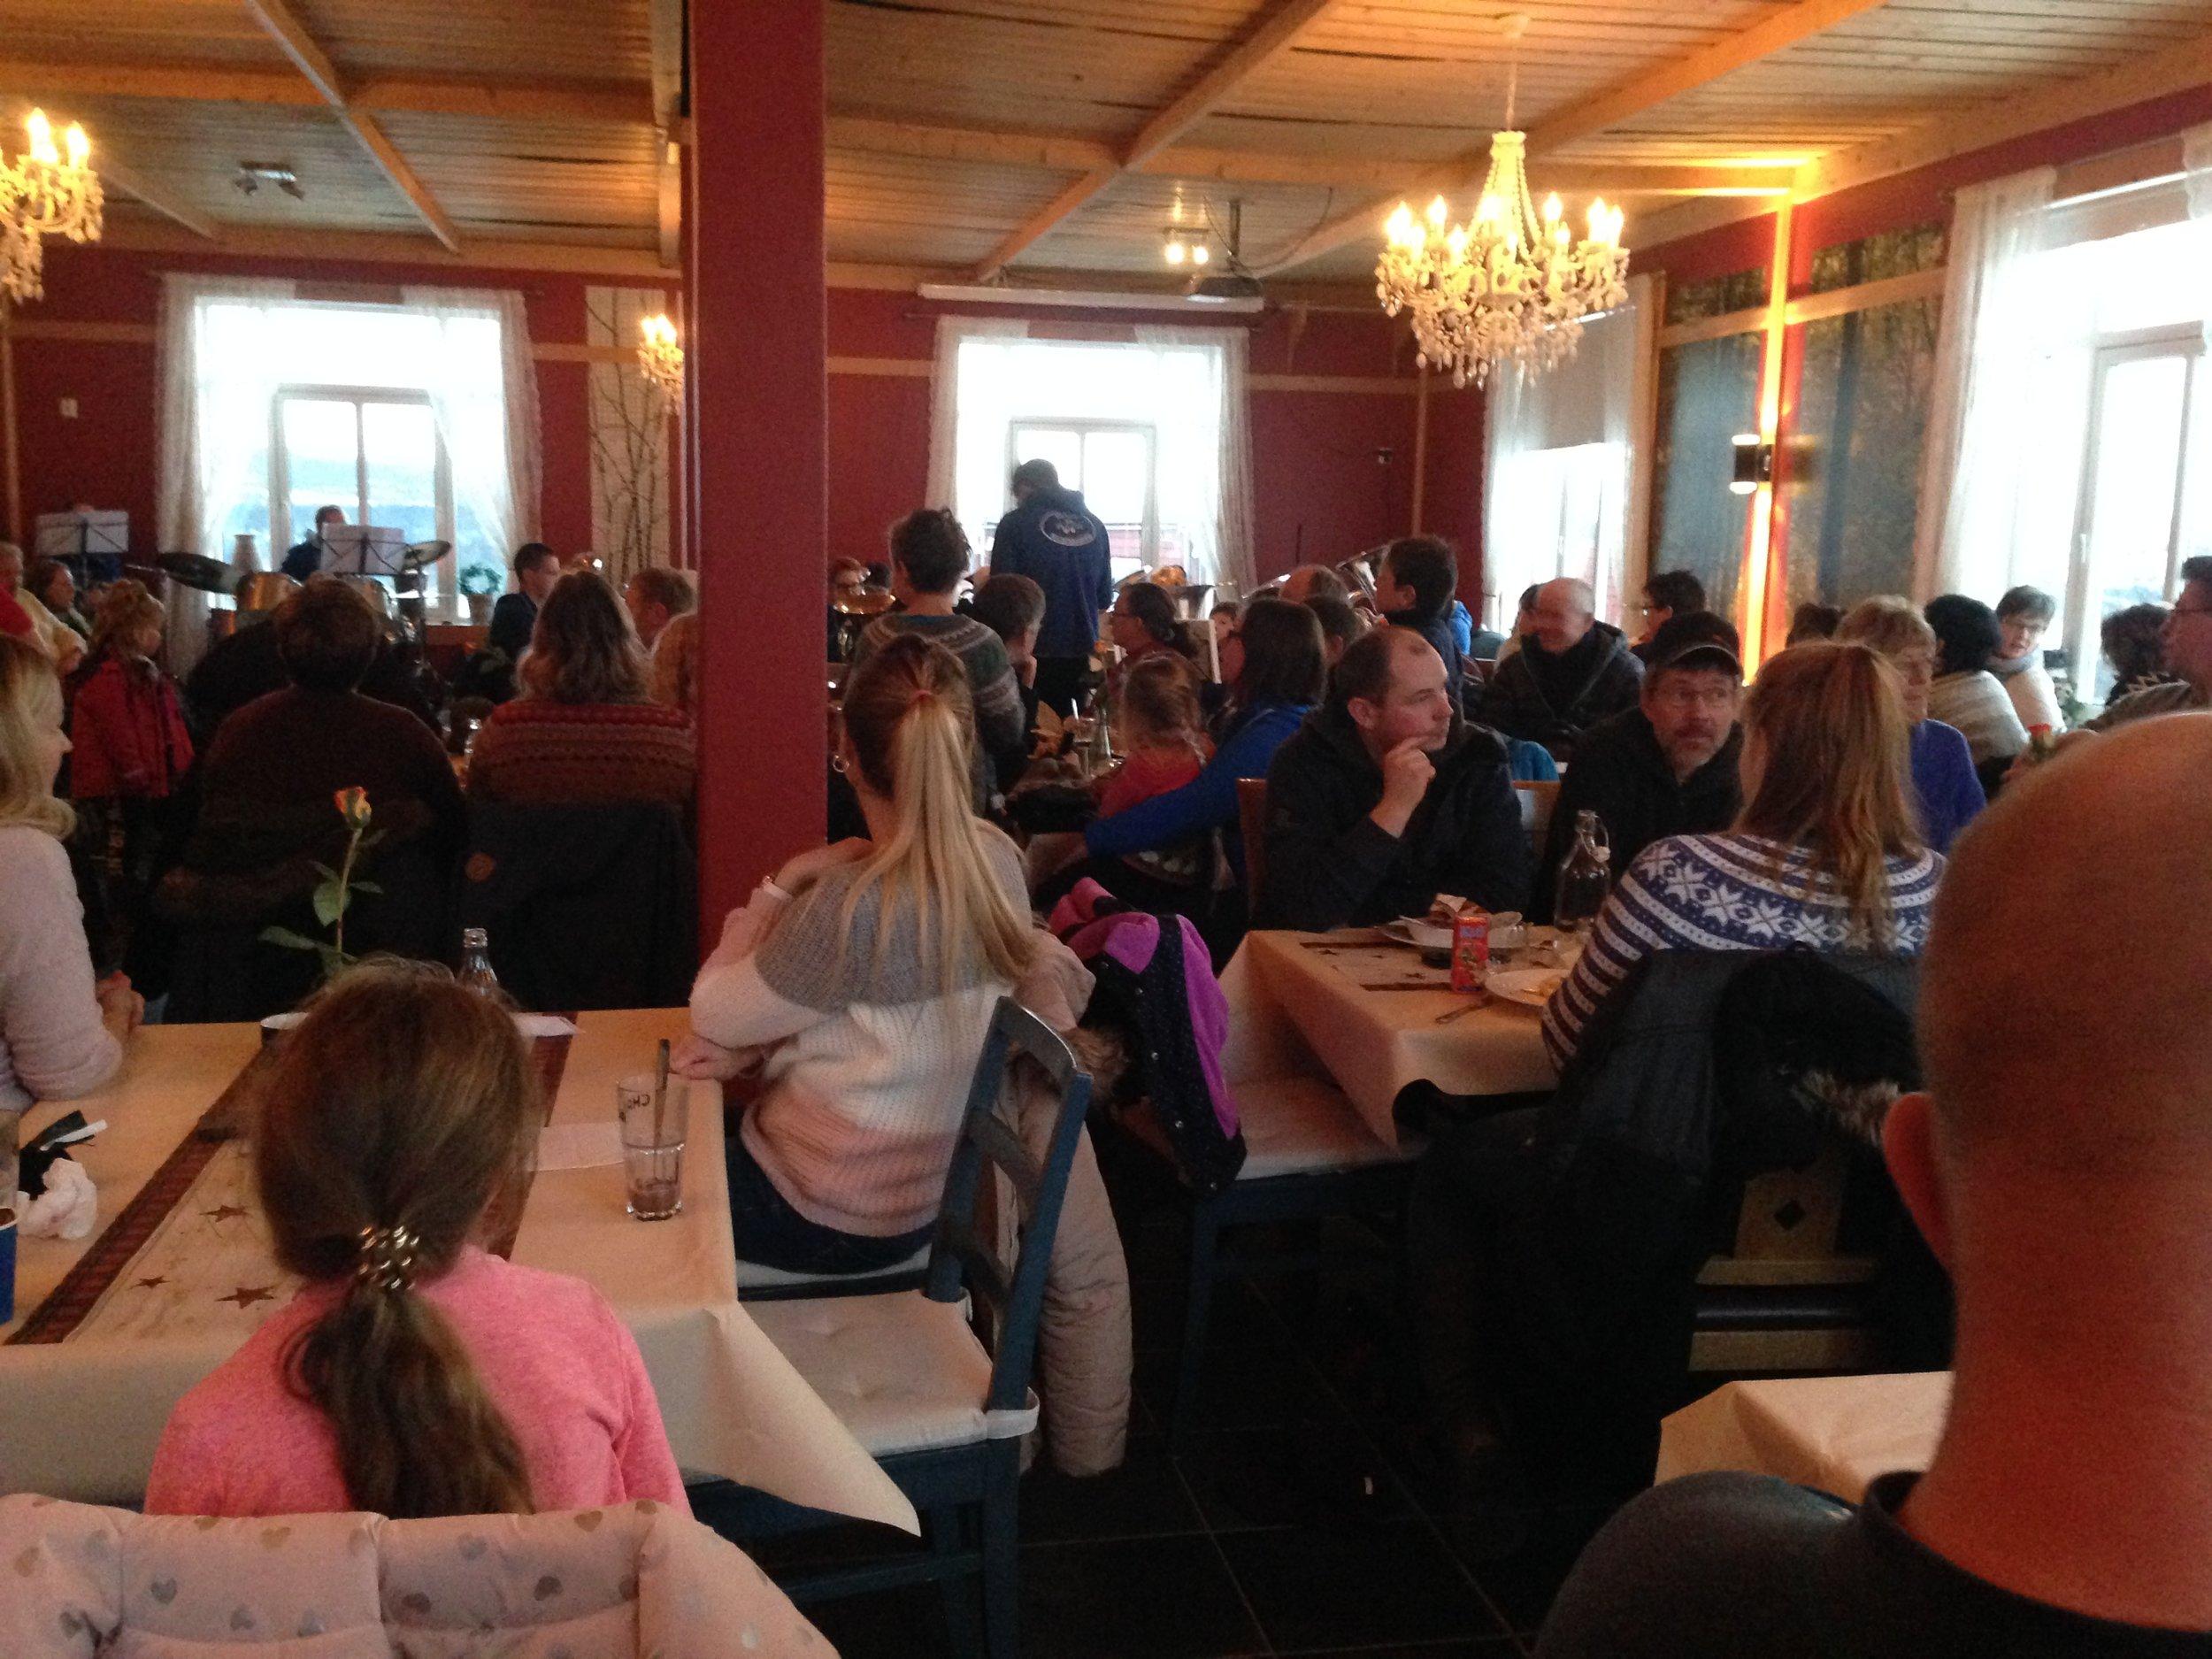 Etterpå spilte Skåbu skolekorps julesanger for en fullsatt Rødhette og Ulven. Her var stemningen på topp!